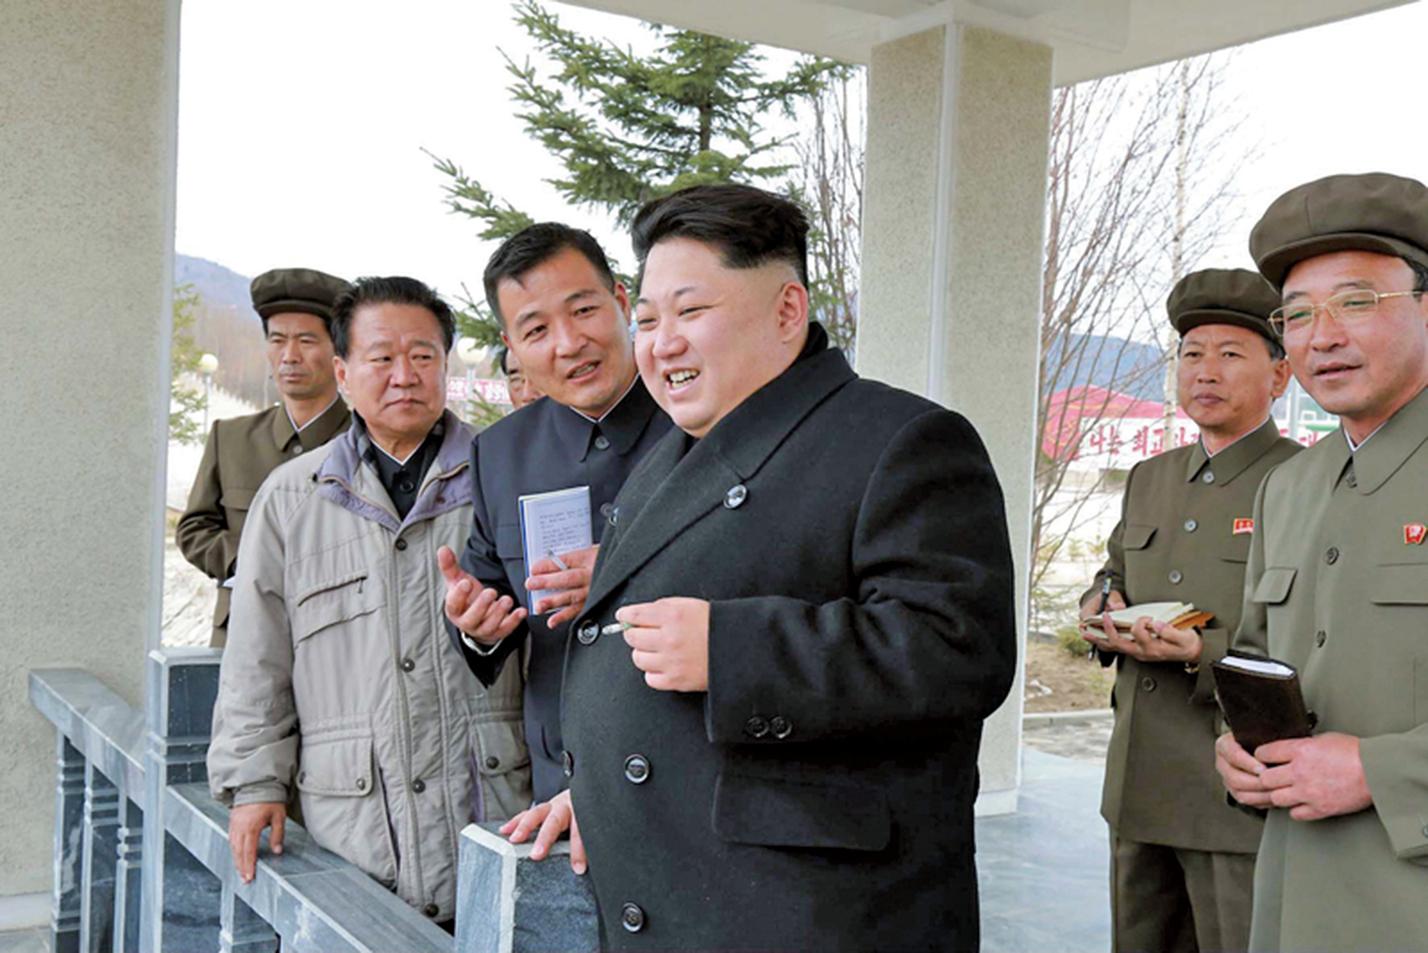 美國媒體報道,北韓領導人金正恩接受心臟手術之後,健康情況非常危險。(AFP)